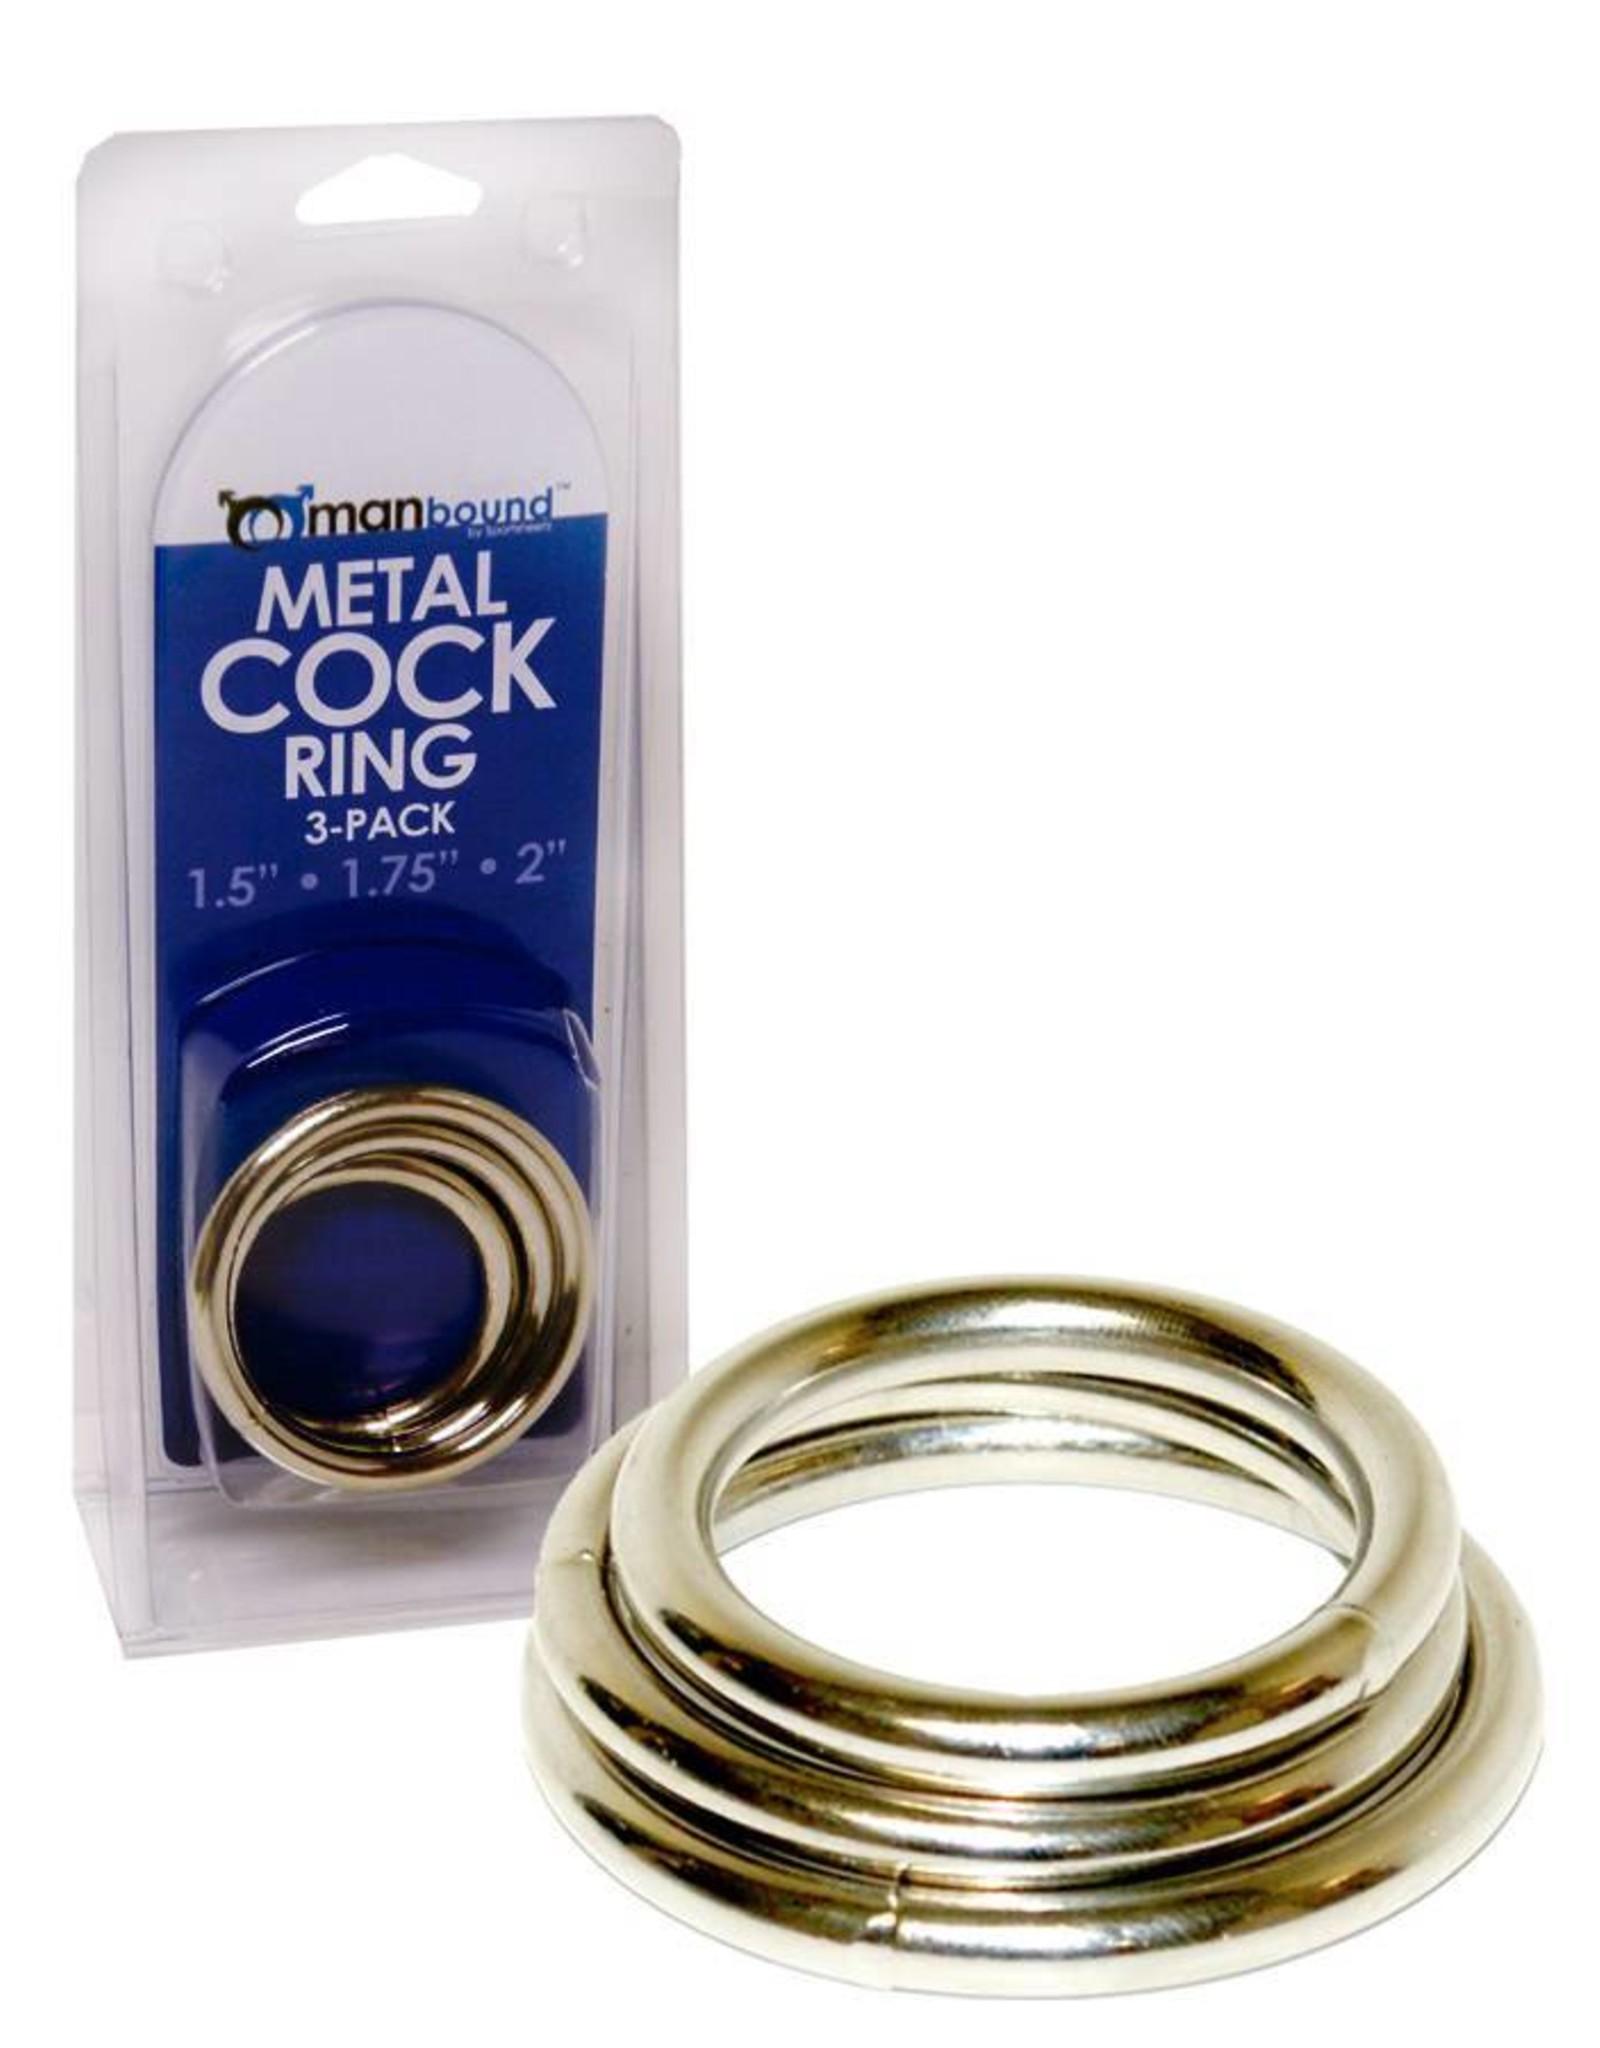 Manbound Metal Cock Ring 3er Set